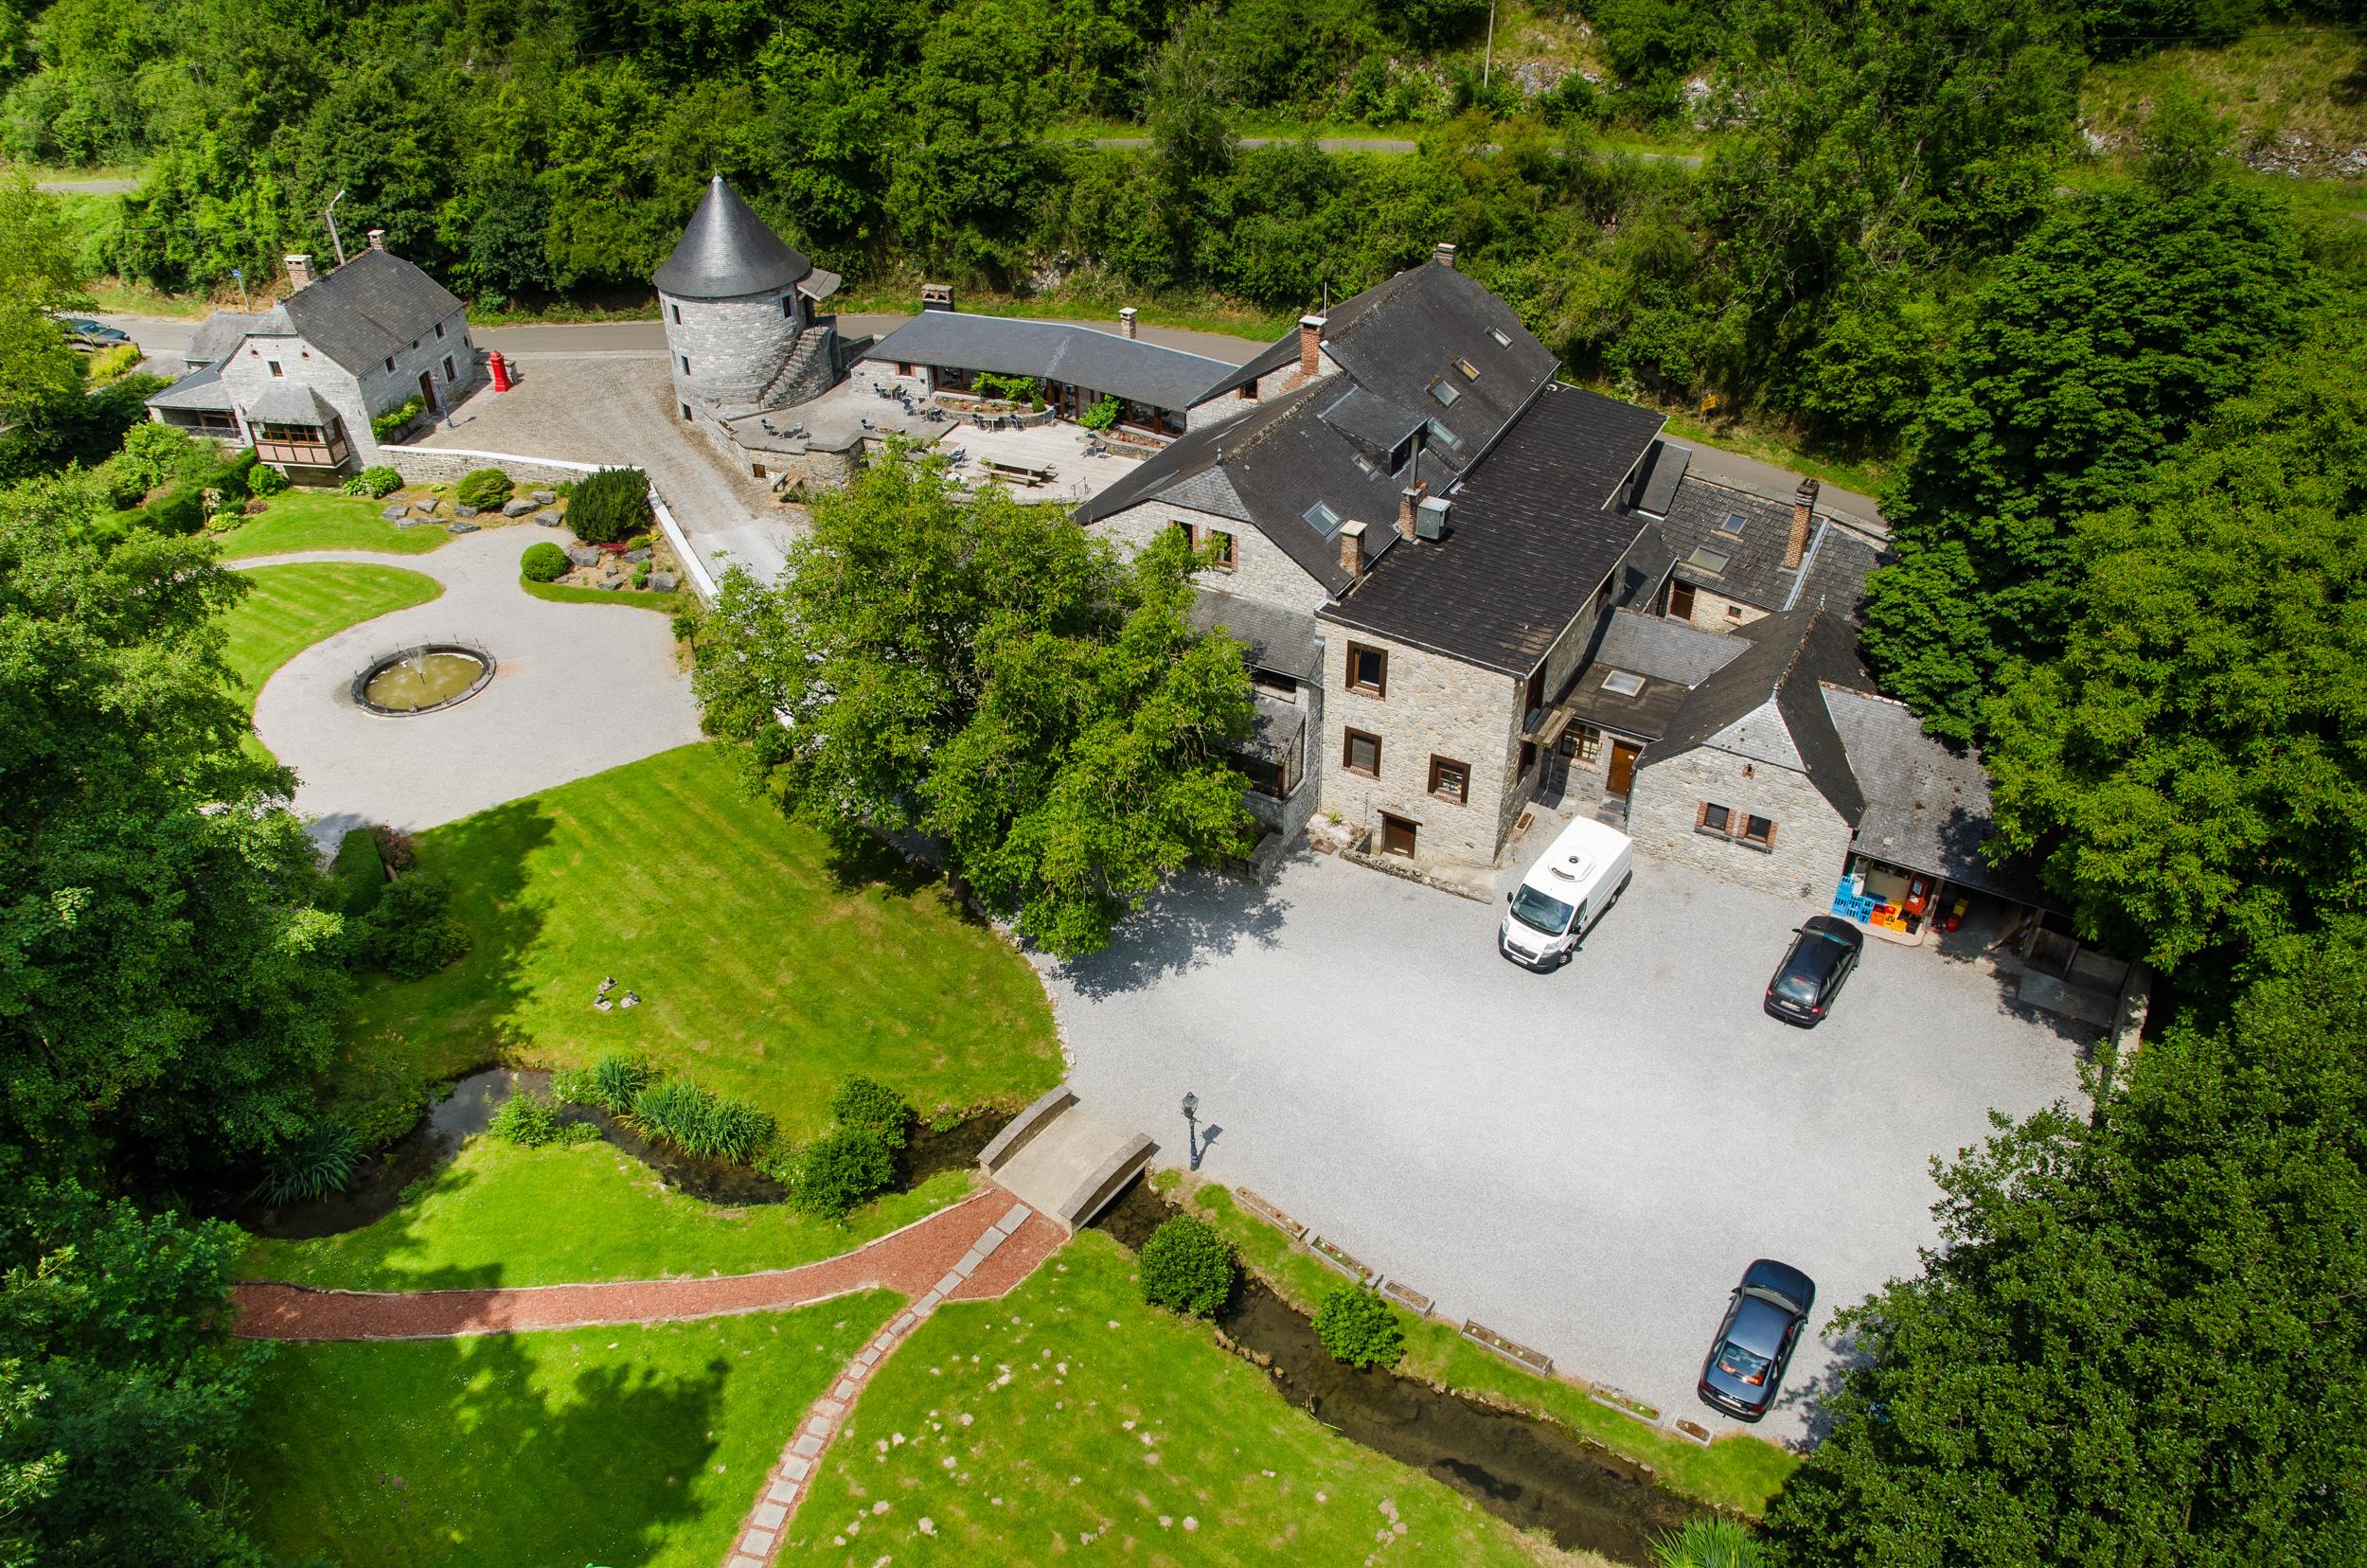 14_06_27_Hôtel Du Moulin de Lisogne_011.jpg